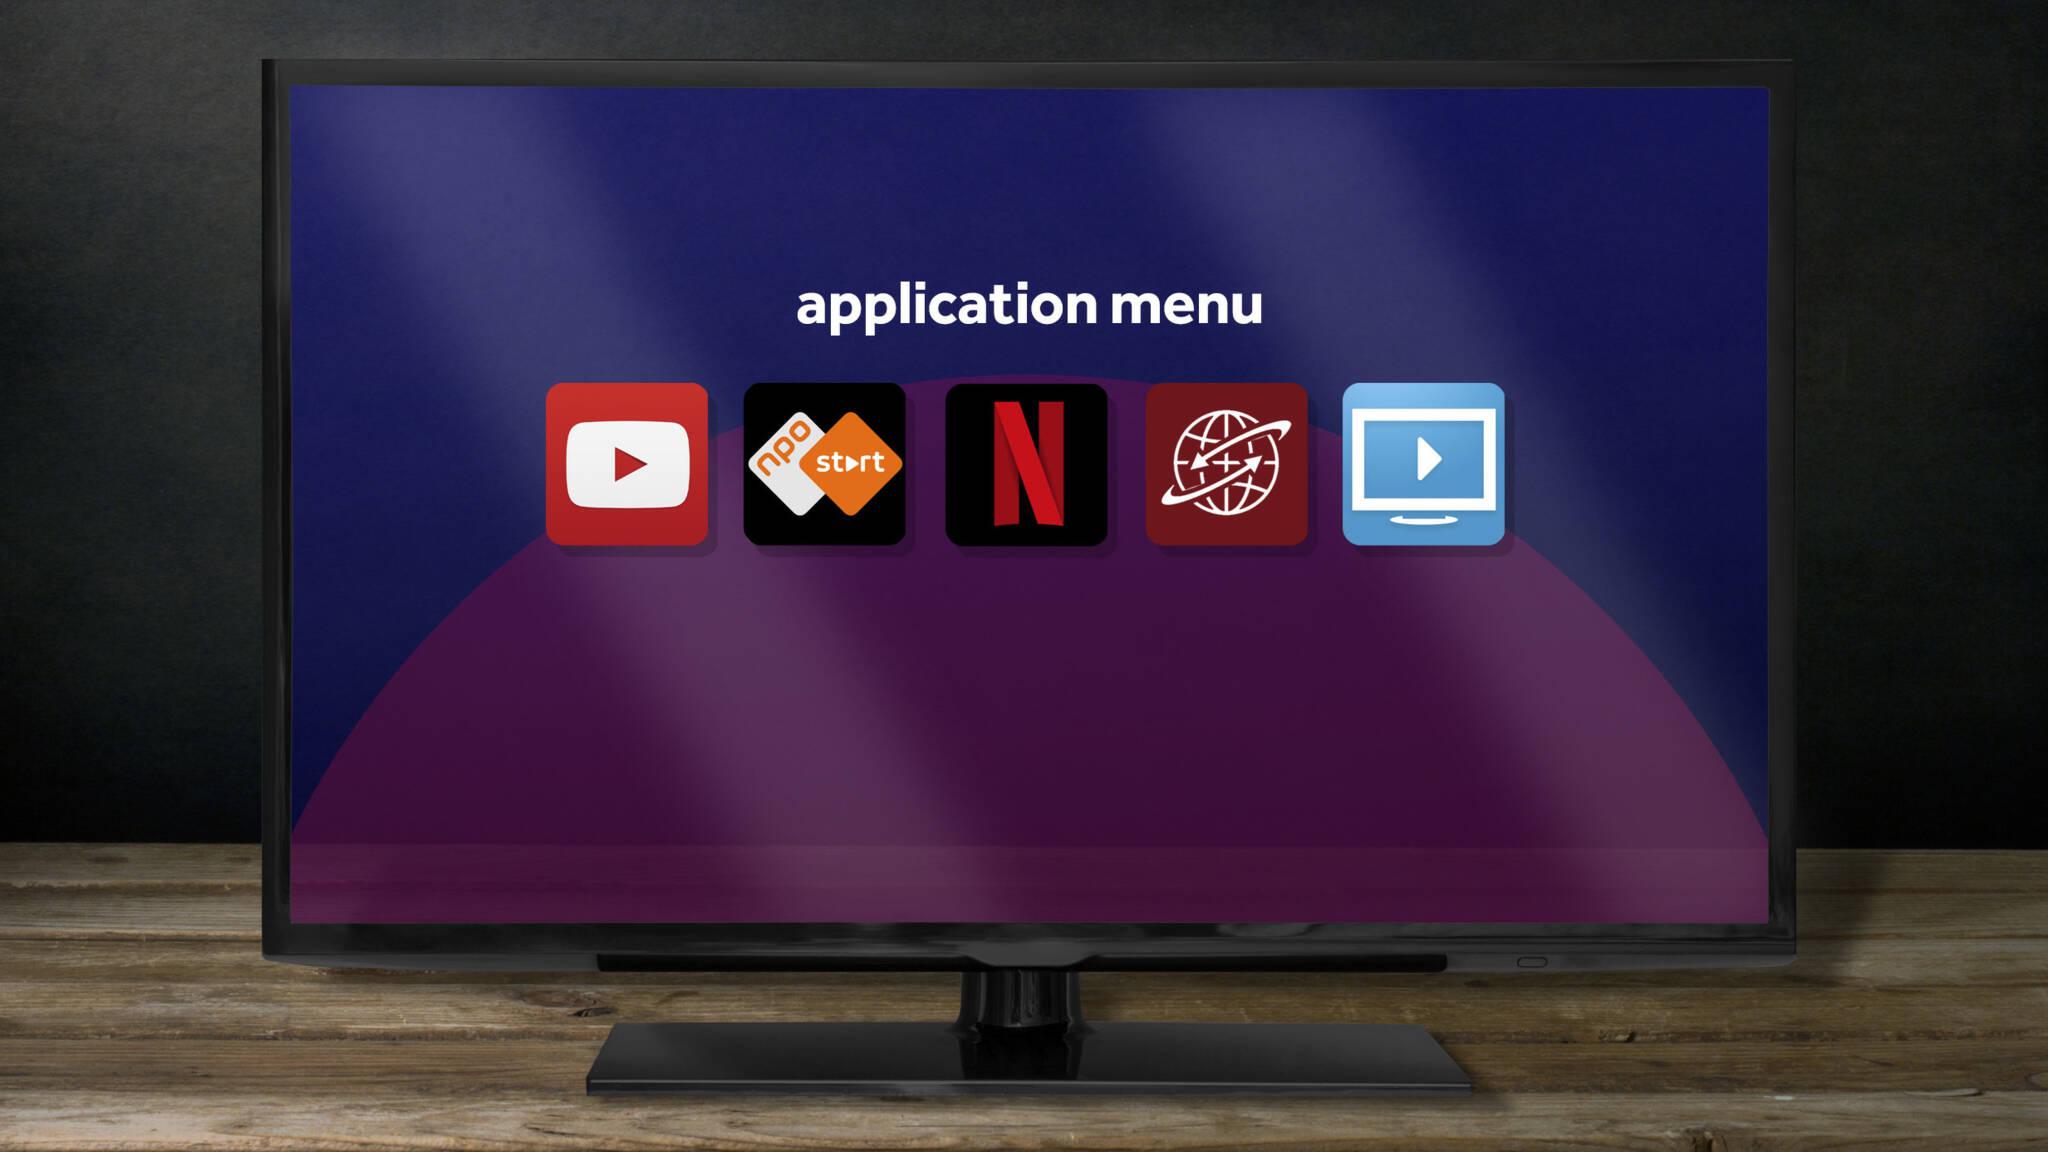 Wel Of Geen 3d Tv.De Tv Markt Heeft Een App Probleem En Komt Daar Niet Zomaar